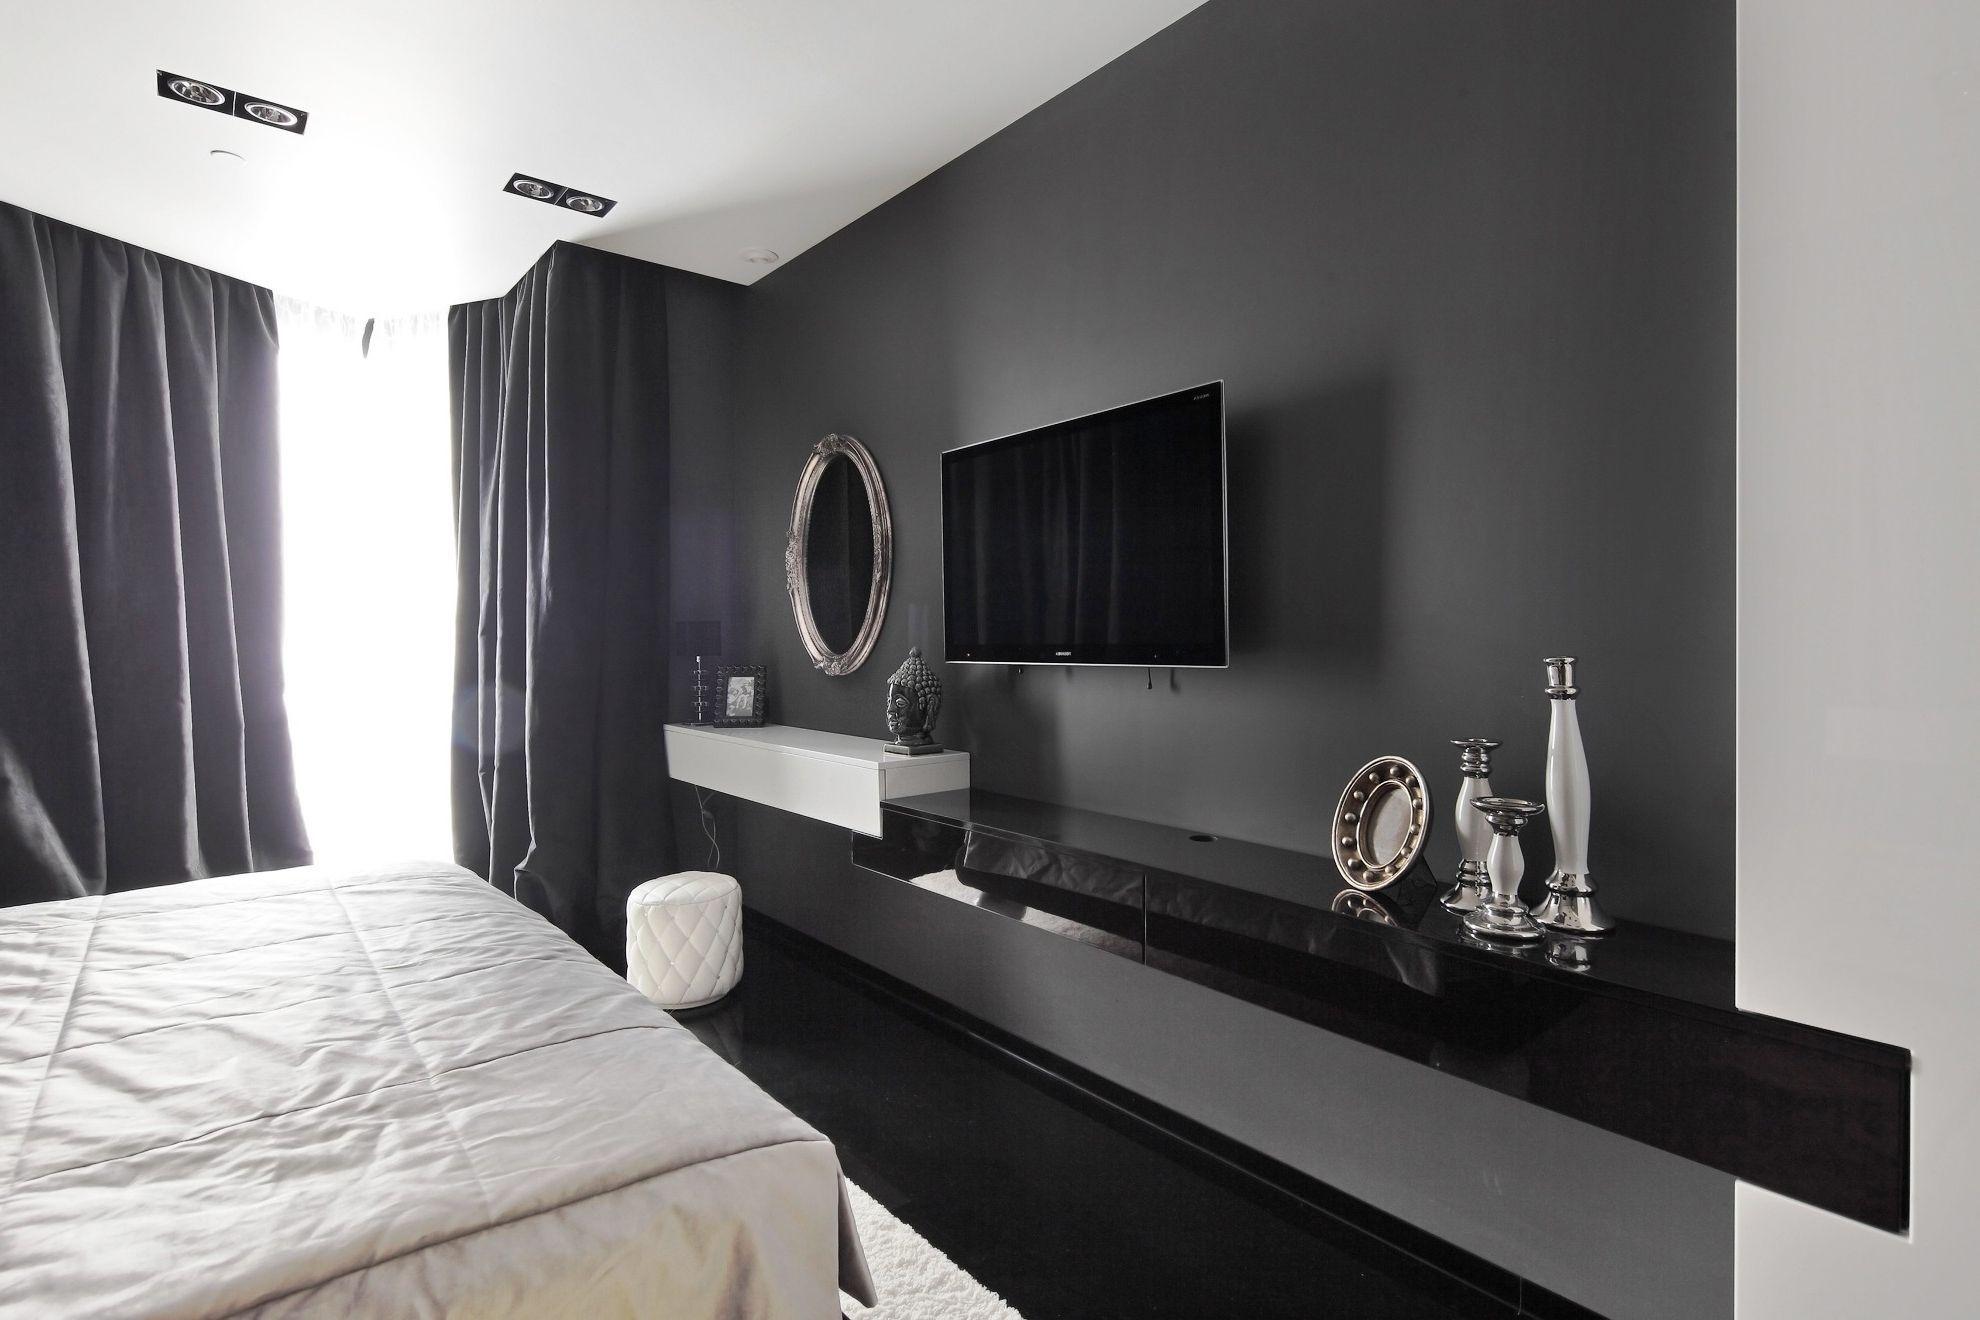 Bedroom Tv Ideas From Bedroom Tv Ideas Source Katieluka Com Tv